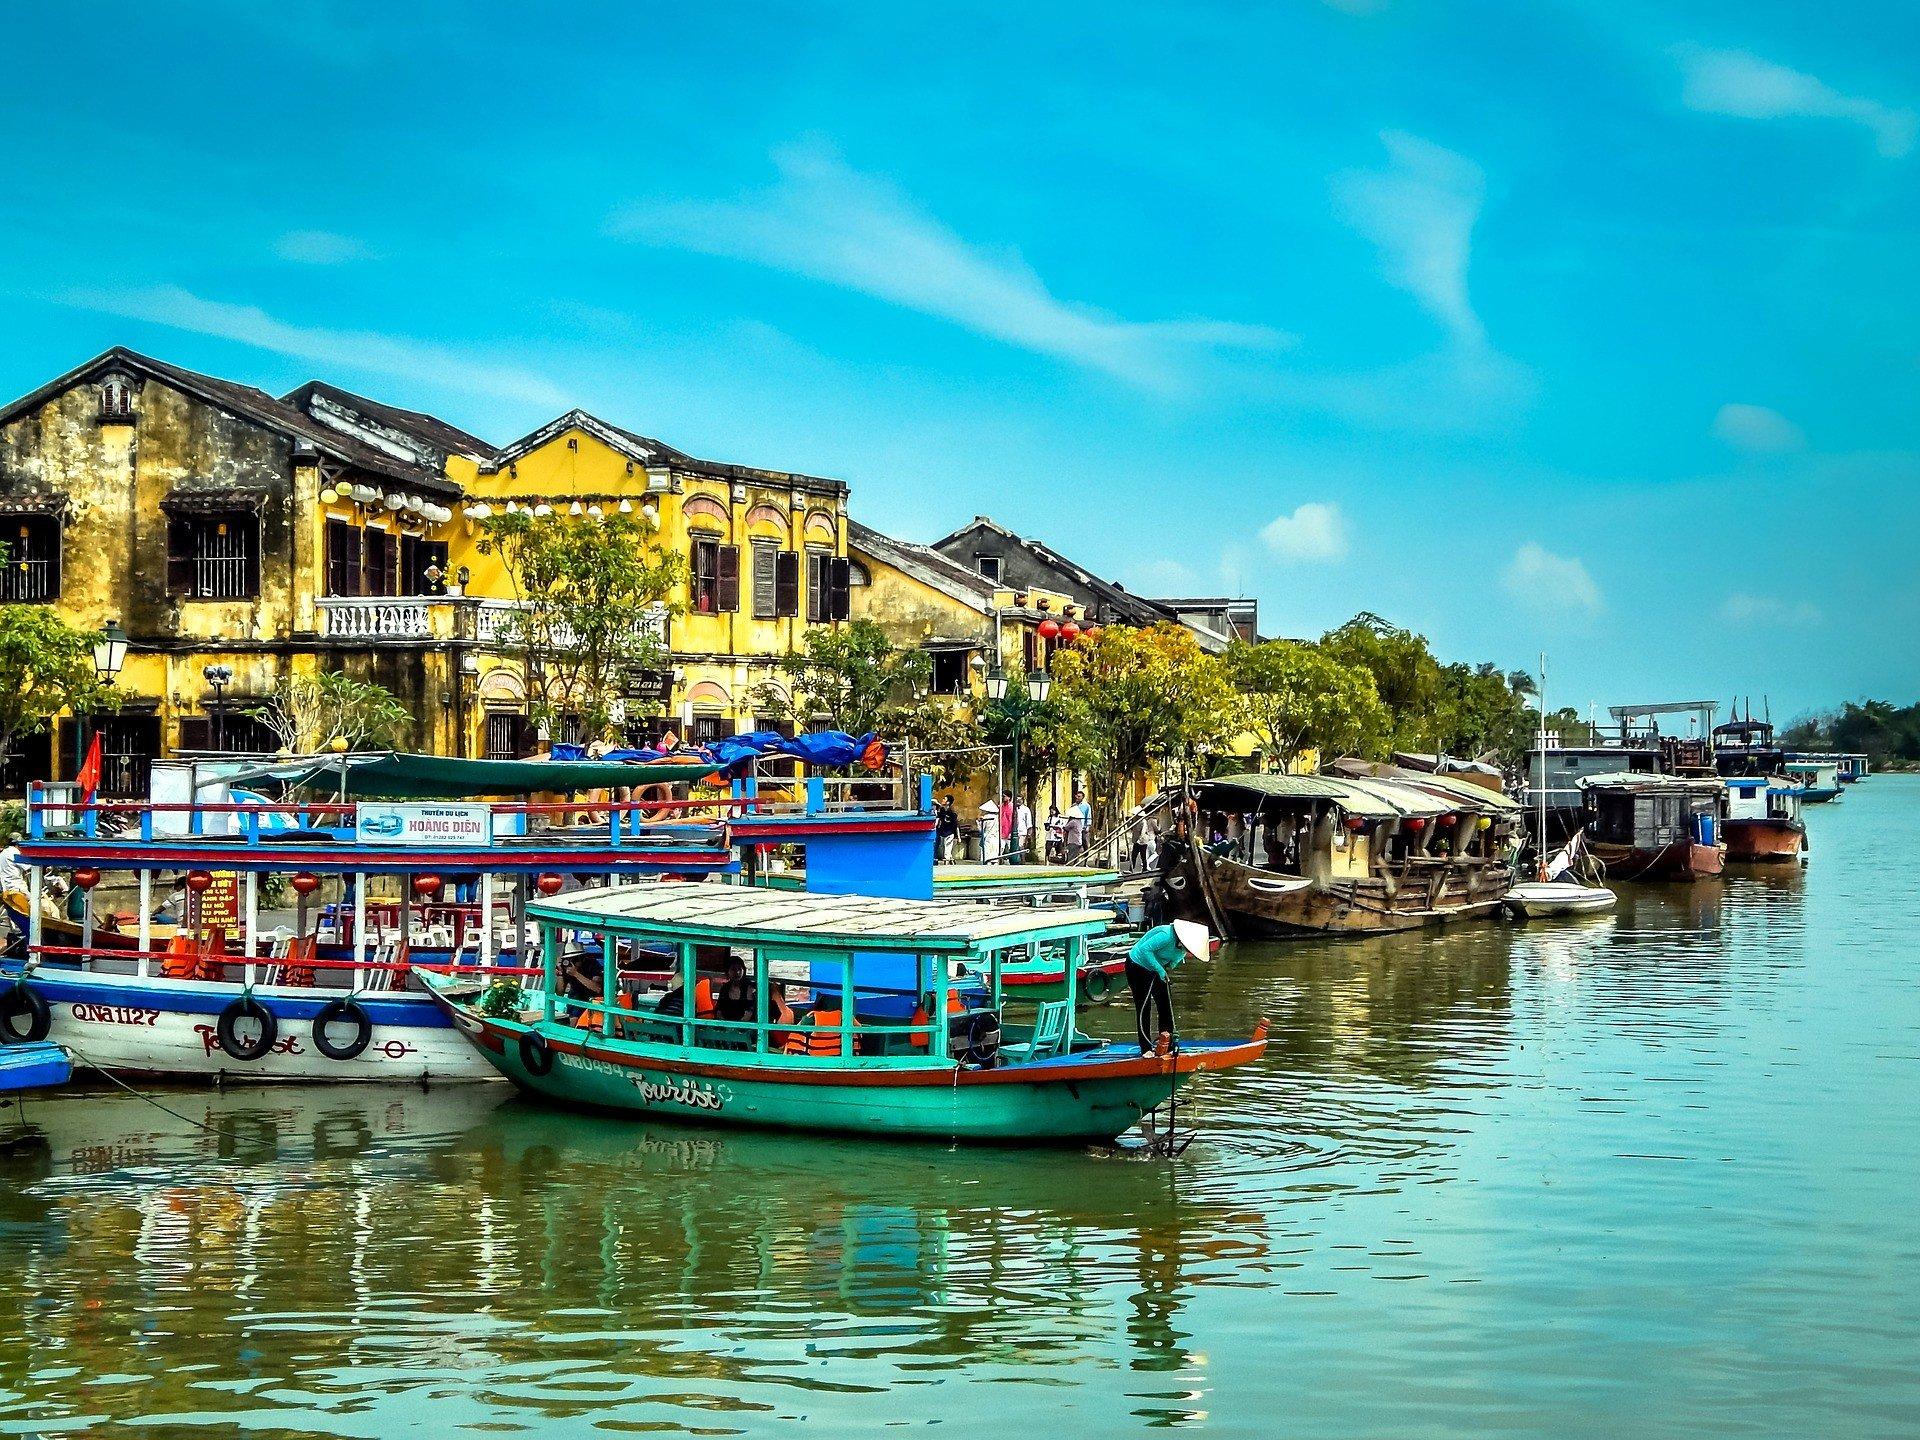 Riverside in Hoi An